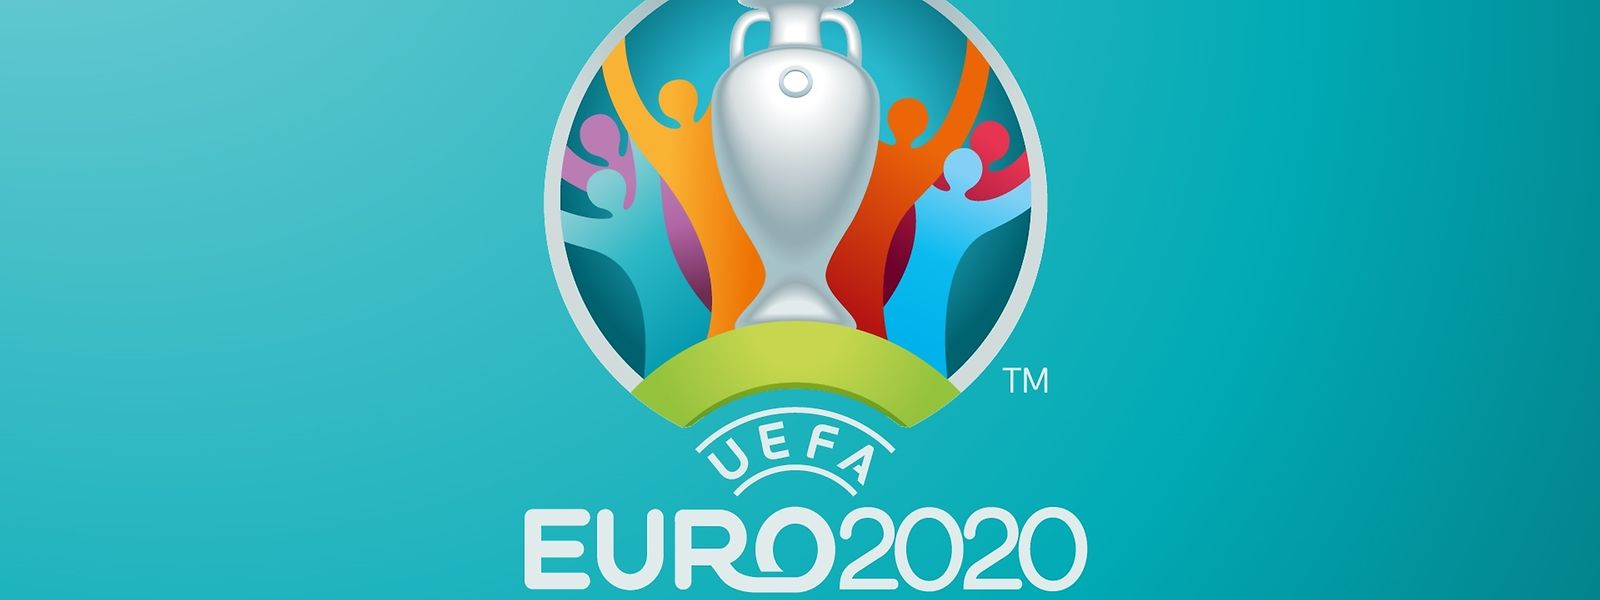 Ce logo de l'Euro 2020 est désormais suranné